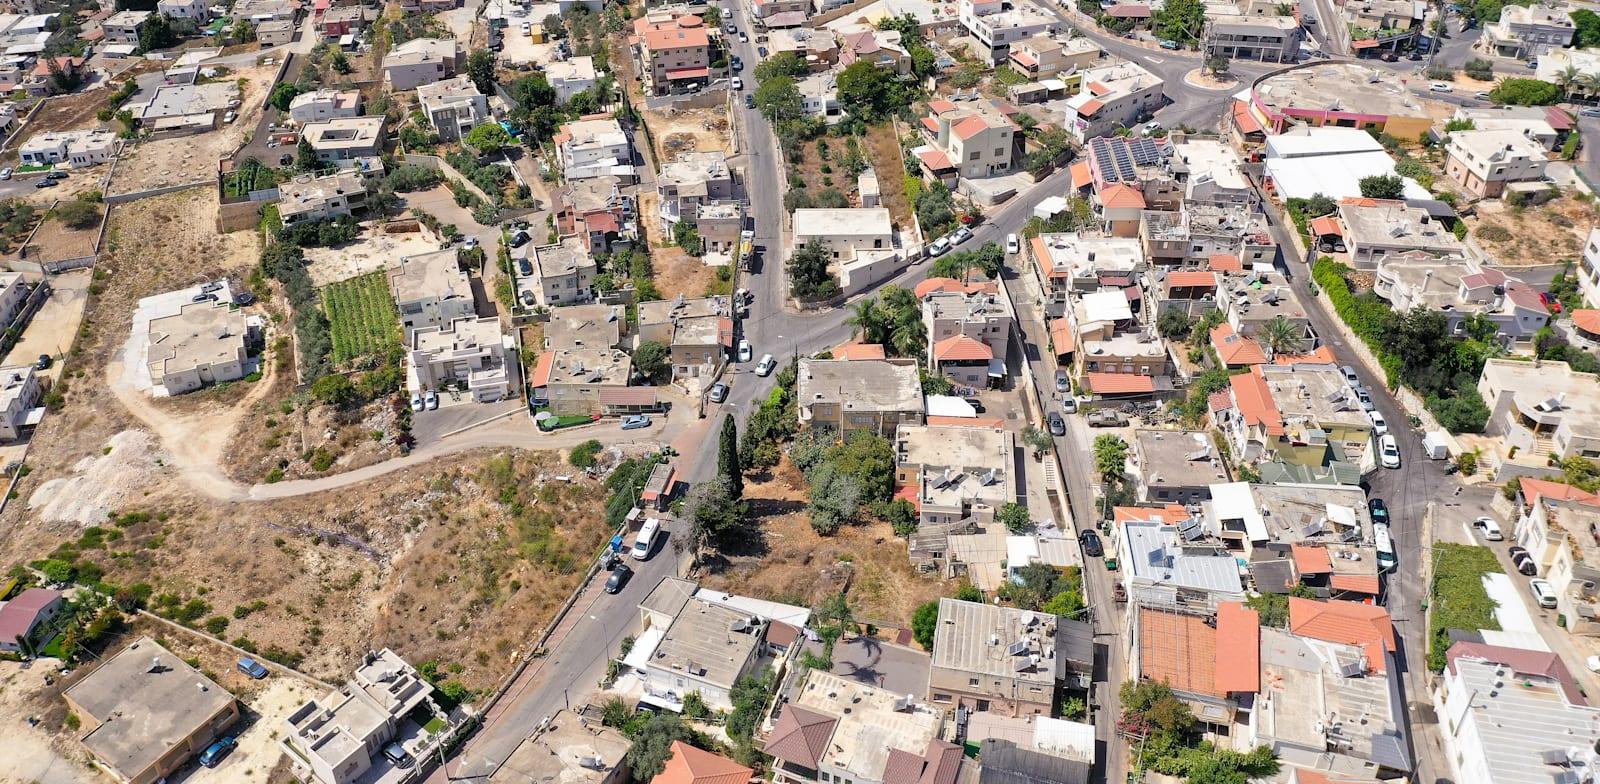 הכפר הדרוזי עספיא / צילום: Shutterstock, StockStudio Aerials